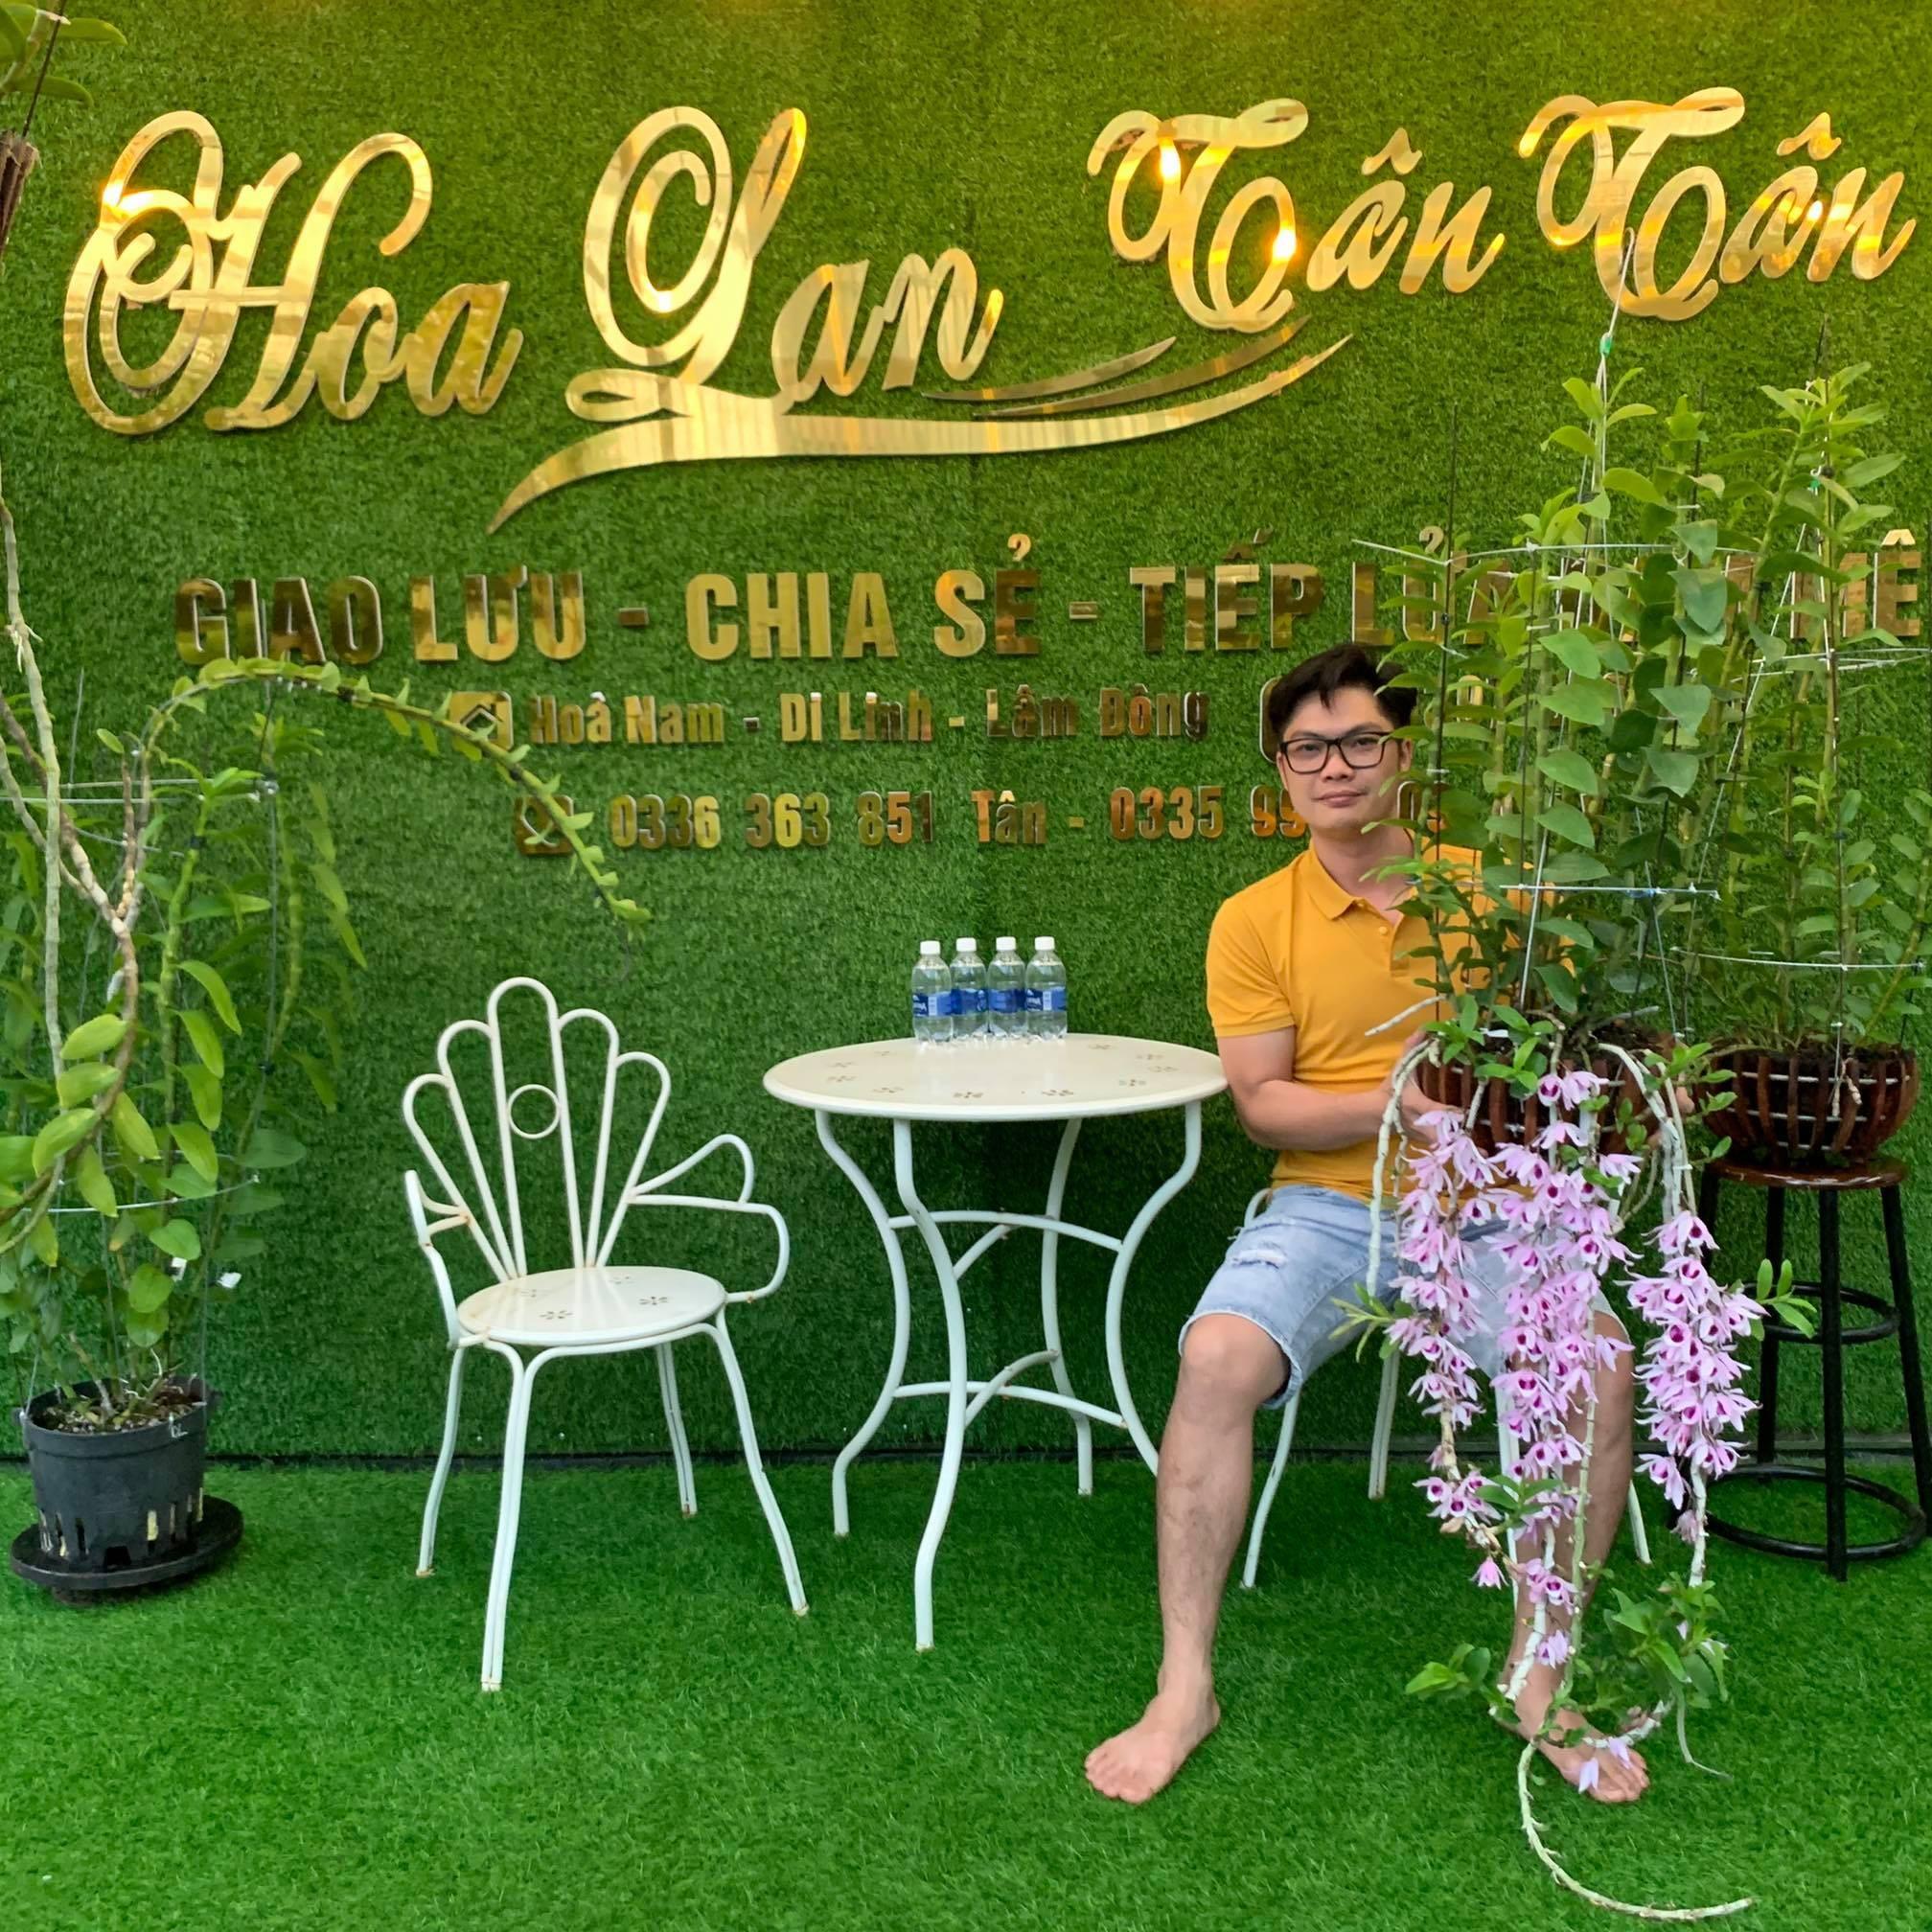 """Nghệ nhân Nguyễn Duy Tân: """"Trồng hoa lan cần có tâm huyết và sự tỉ mỉ"""" - Ảnh 1"""